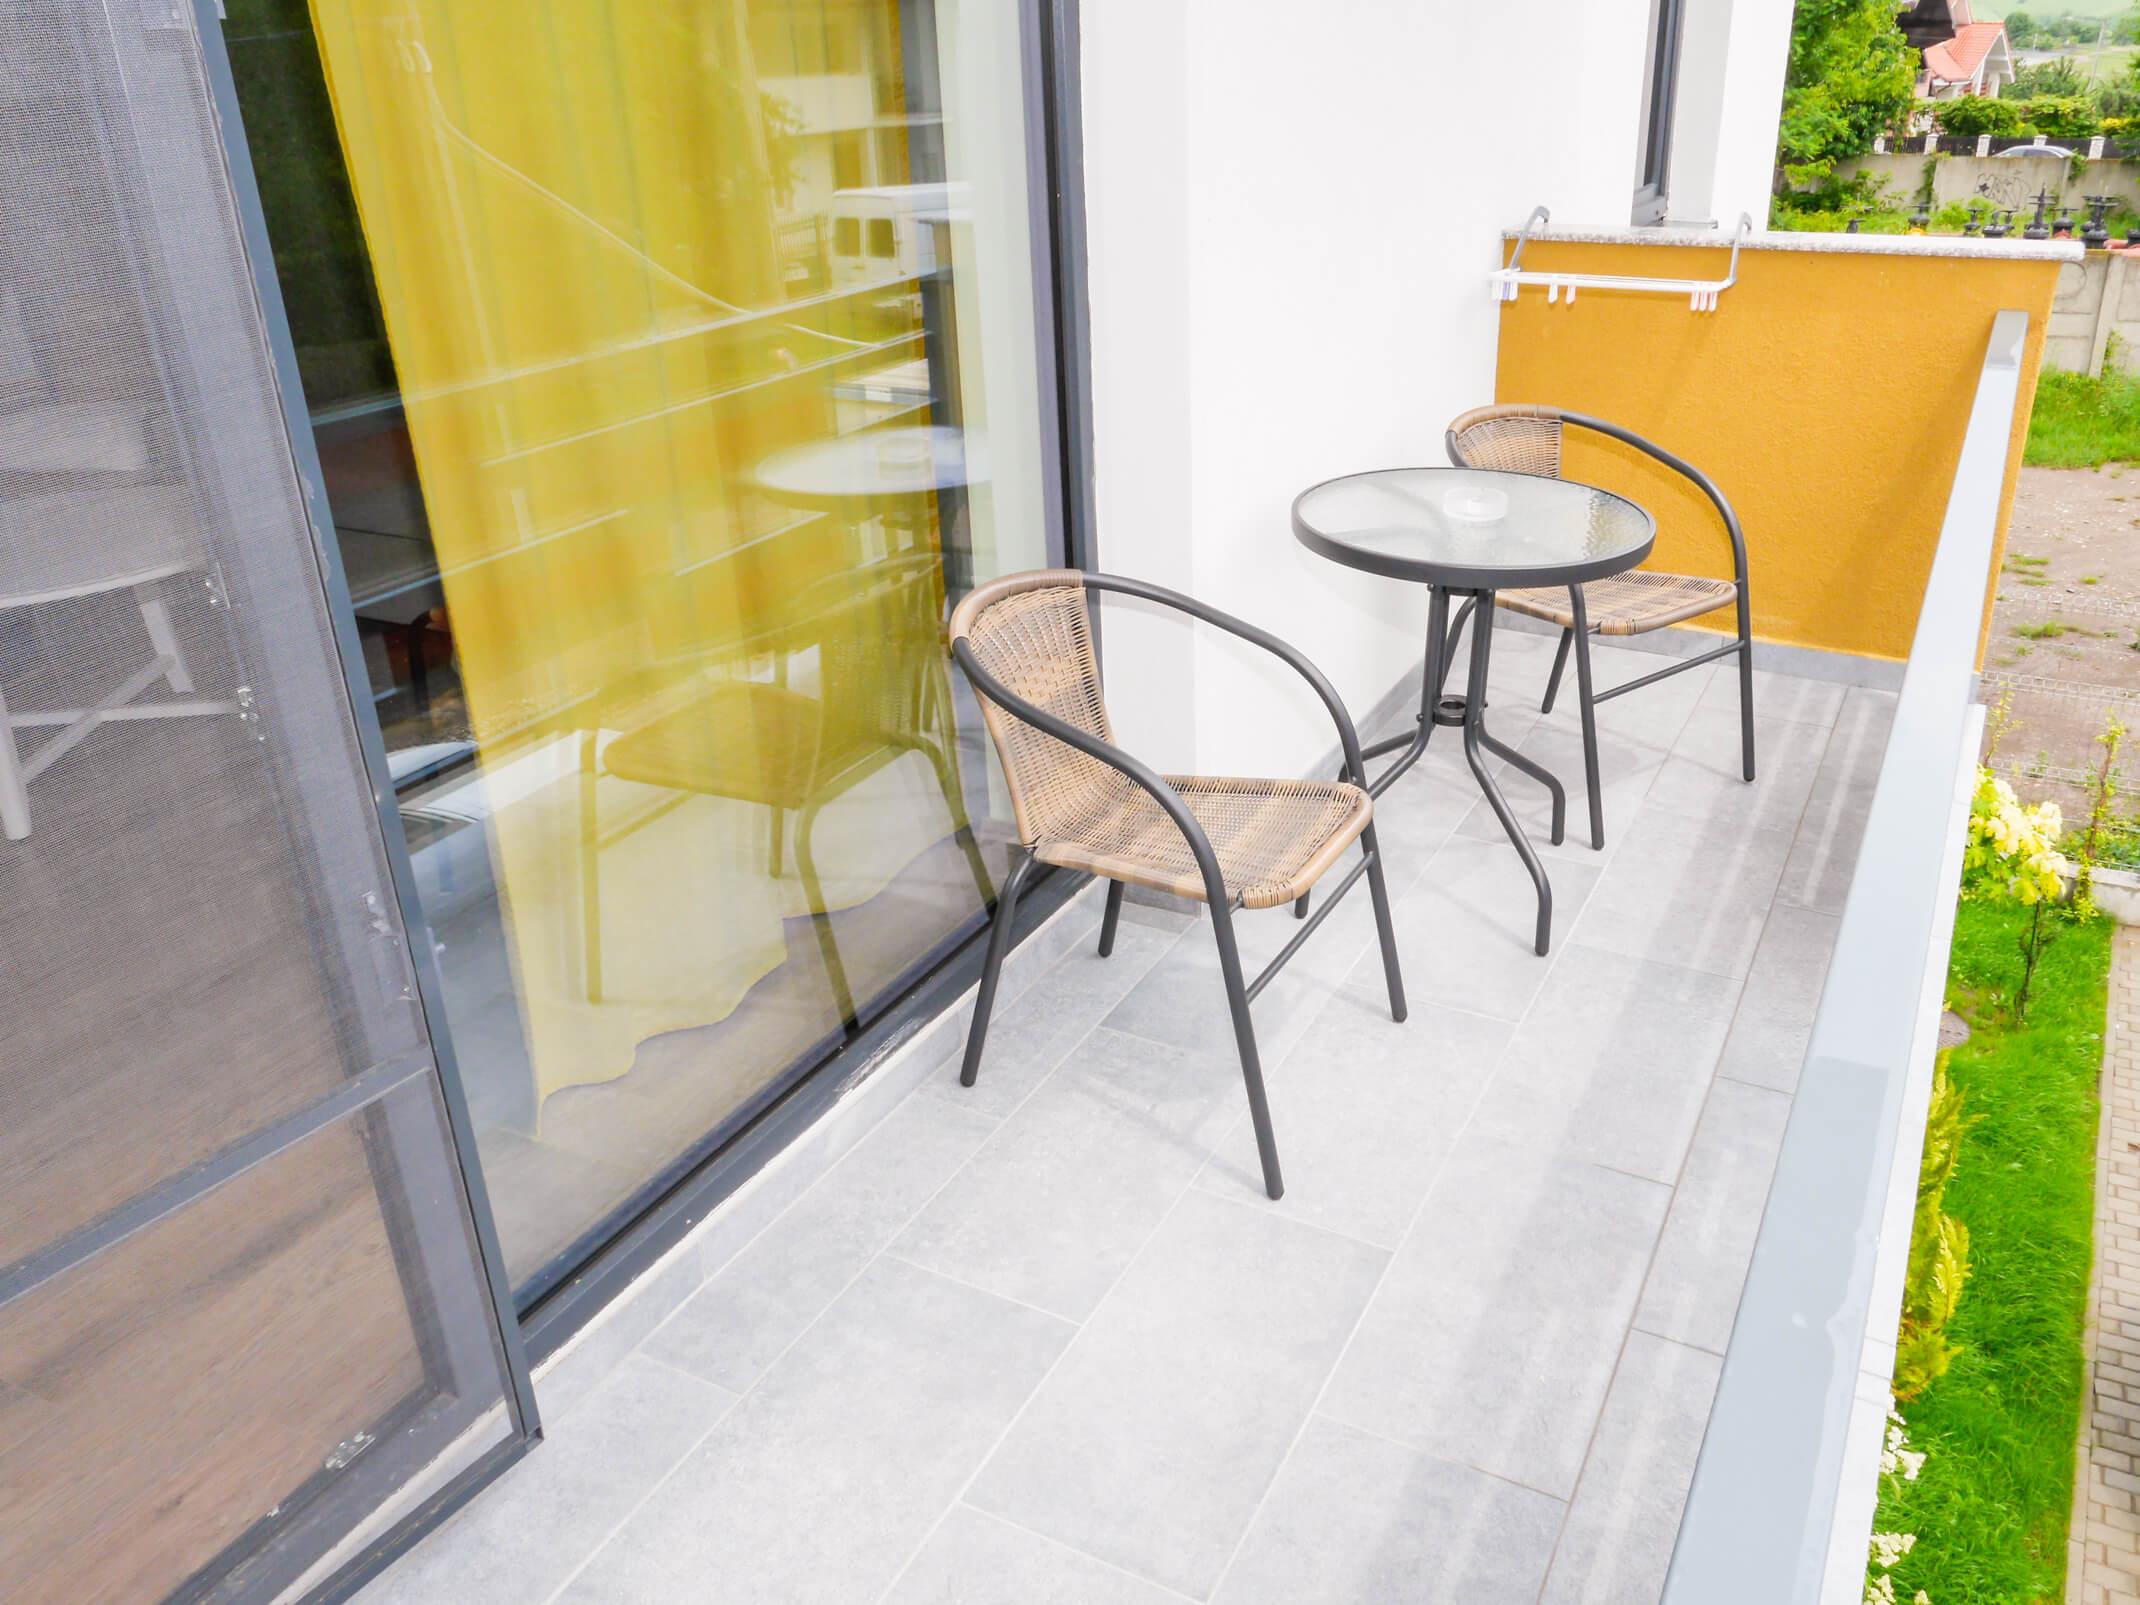 Clement Apartments - apartamente de inchiriat in regim hotelier - cazare neamt - cazare piatra neamt - apartament 4 (1)